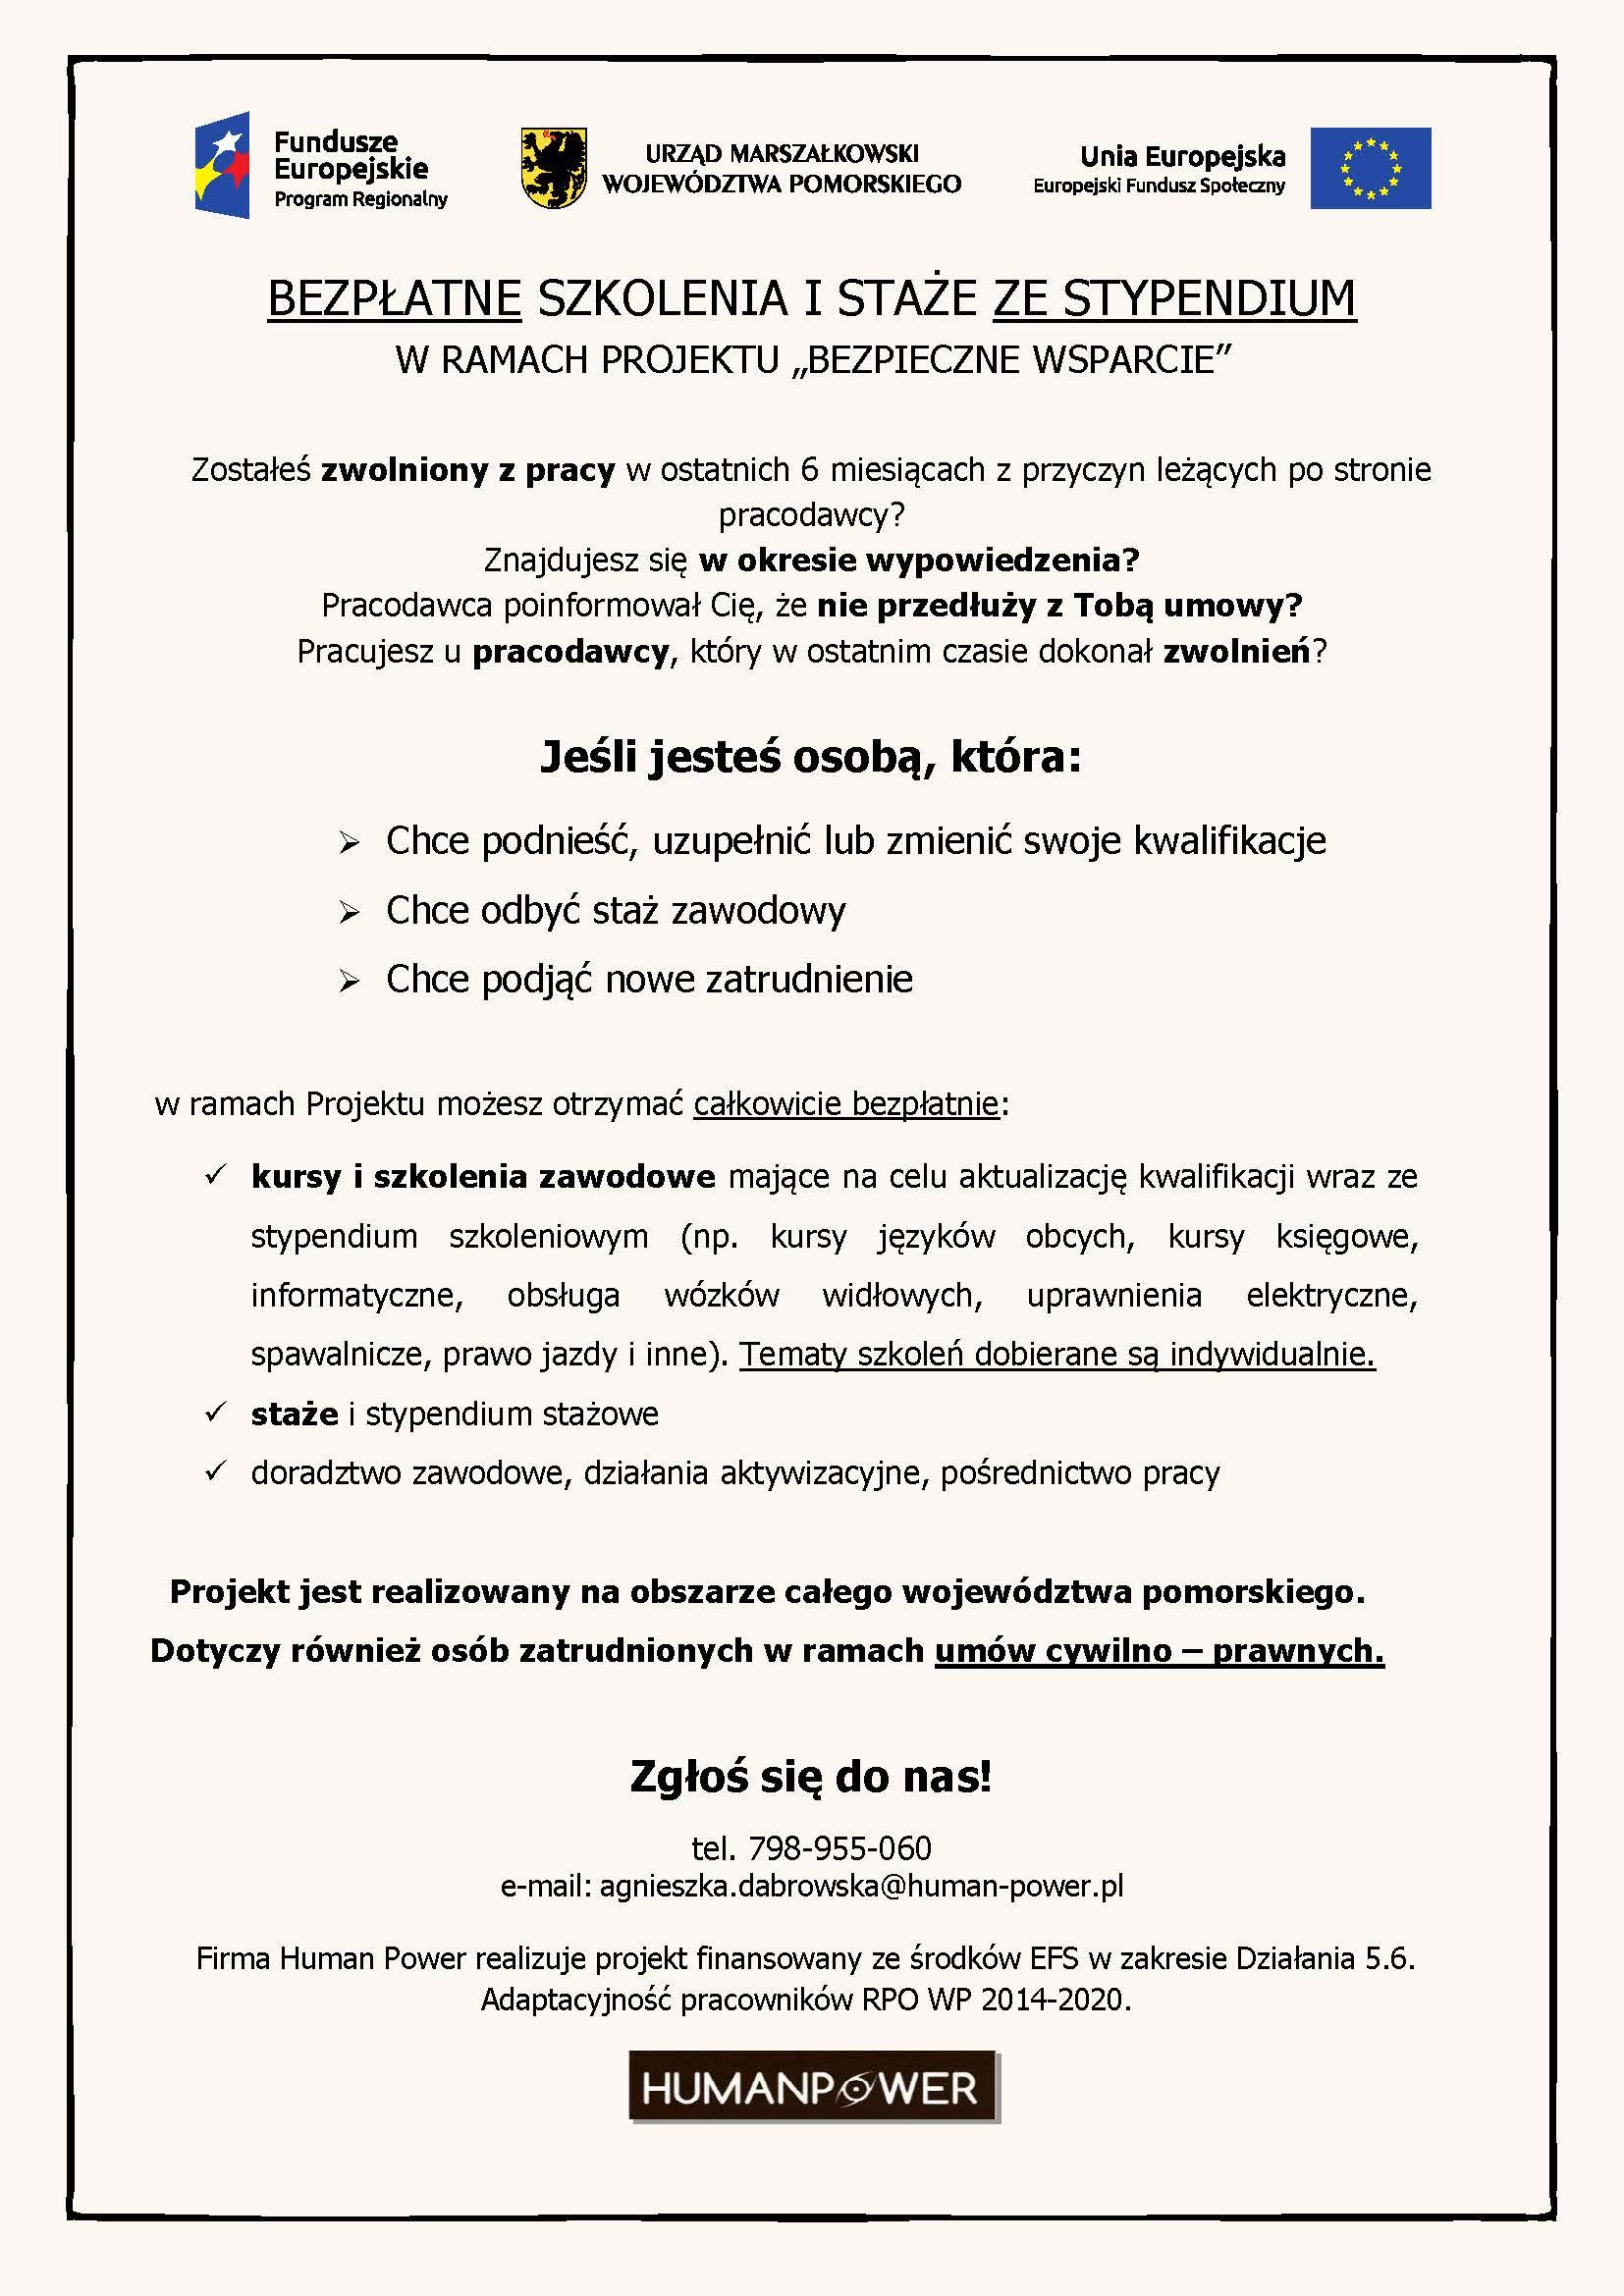 http://m.82-200.pl/2018/05/orig/ulotka-uniwersalna-bezpieczne-wsparcie-sciezka-aktywizacyjna-2921.jpg